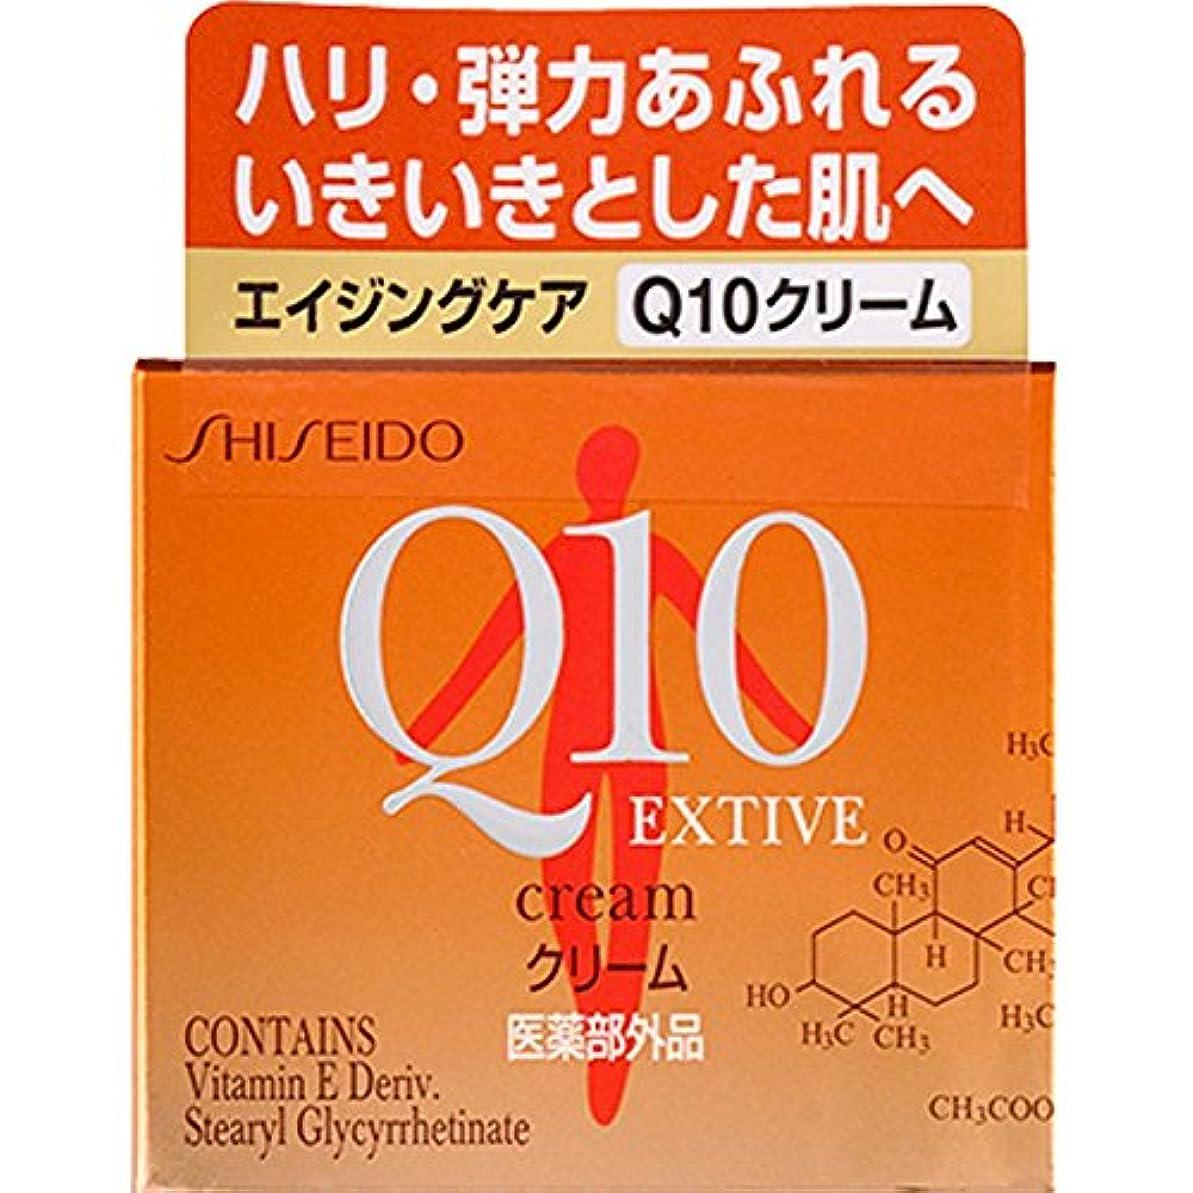 スマッシュ実装する真剣に資生堂薬品 Q10 エクティブ クリームN 30g